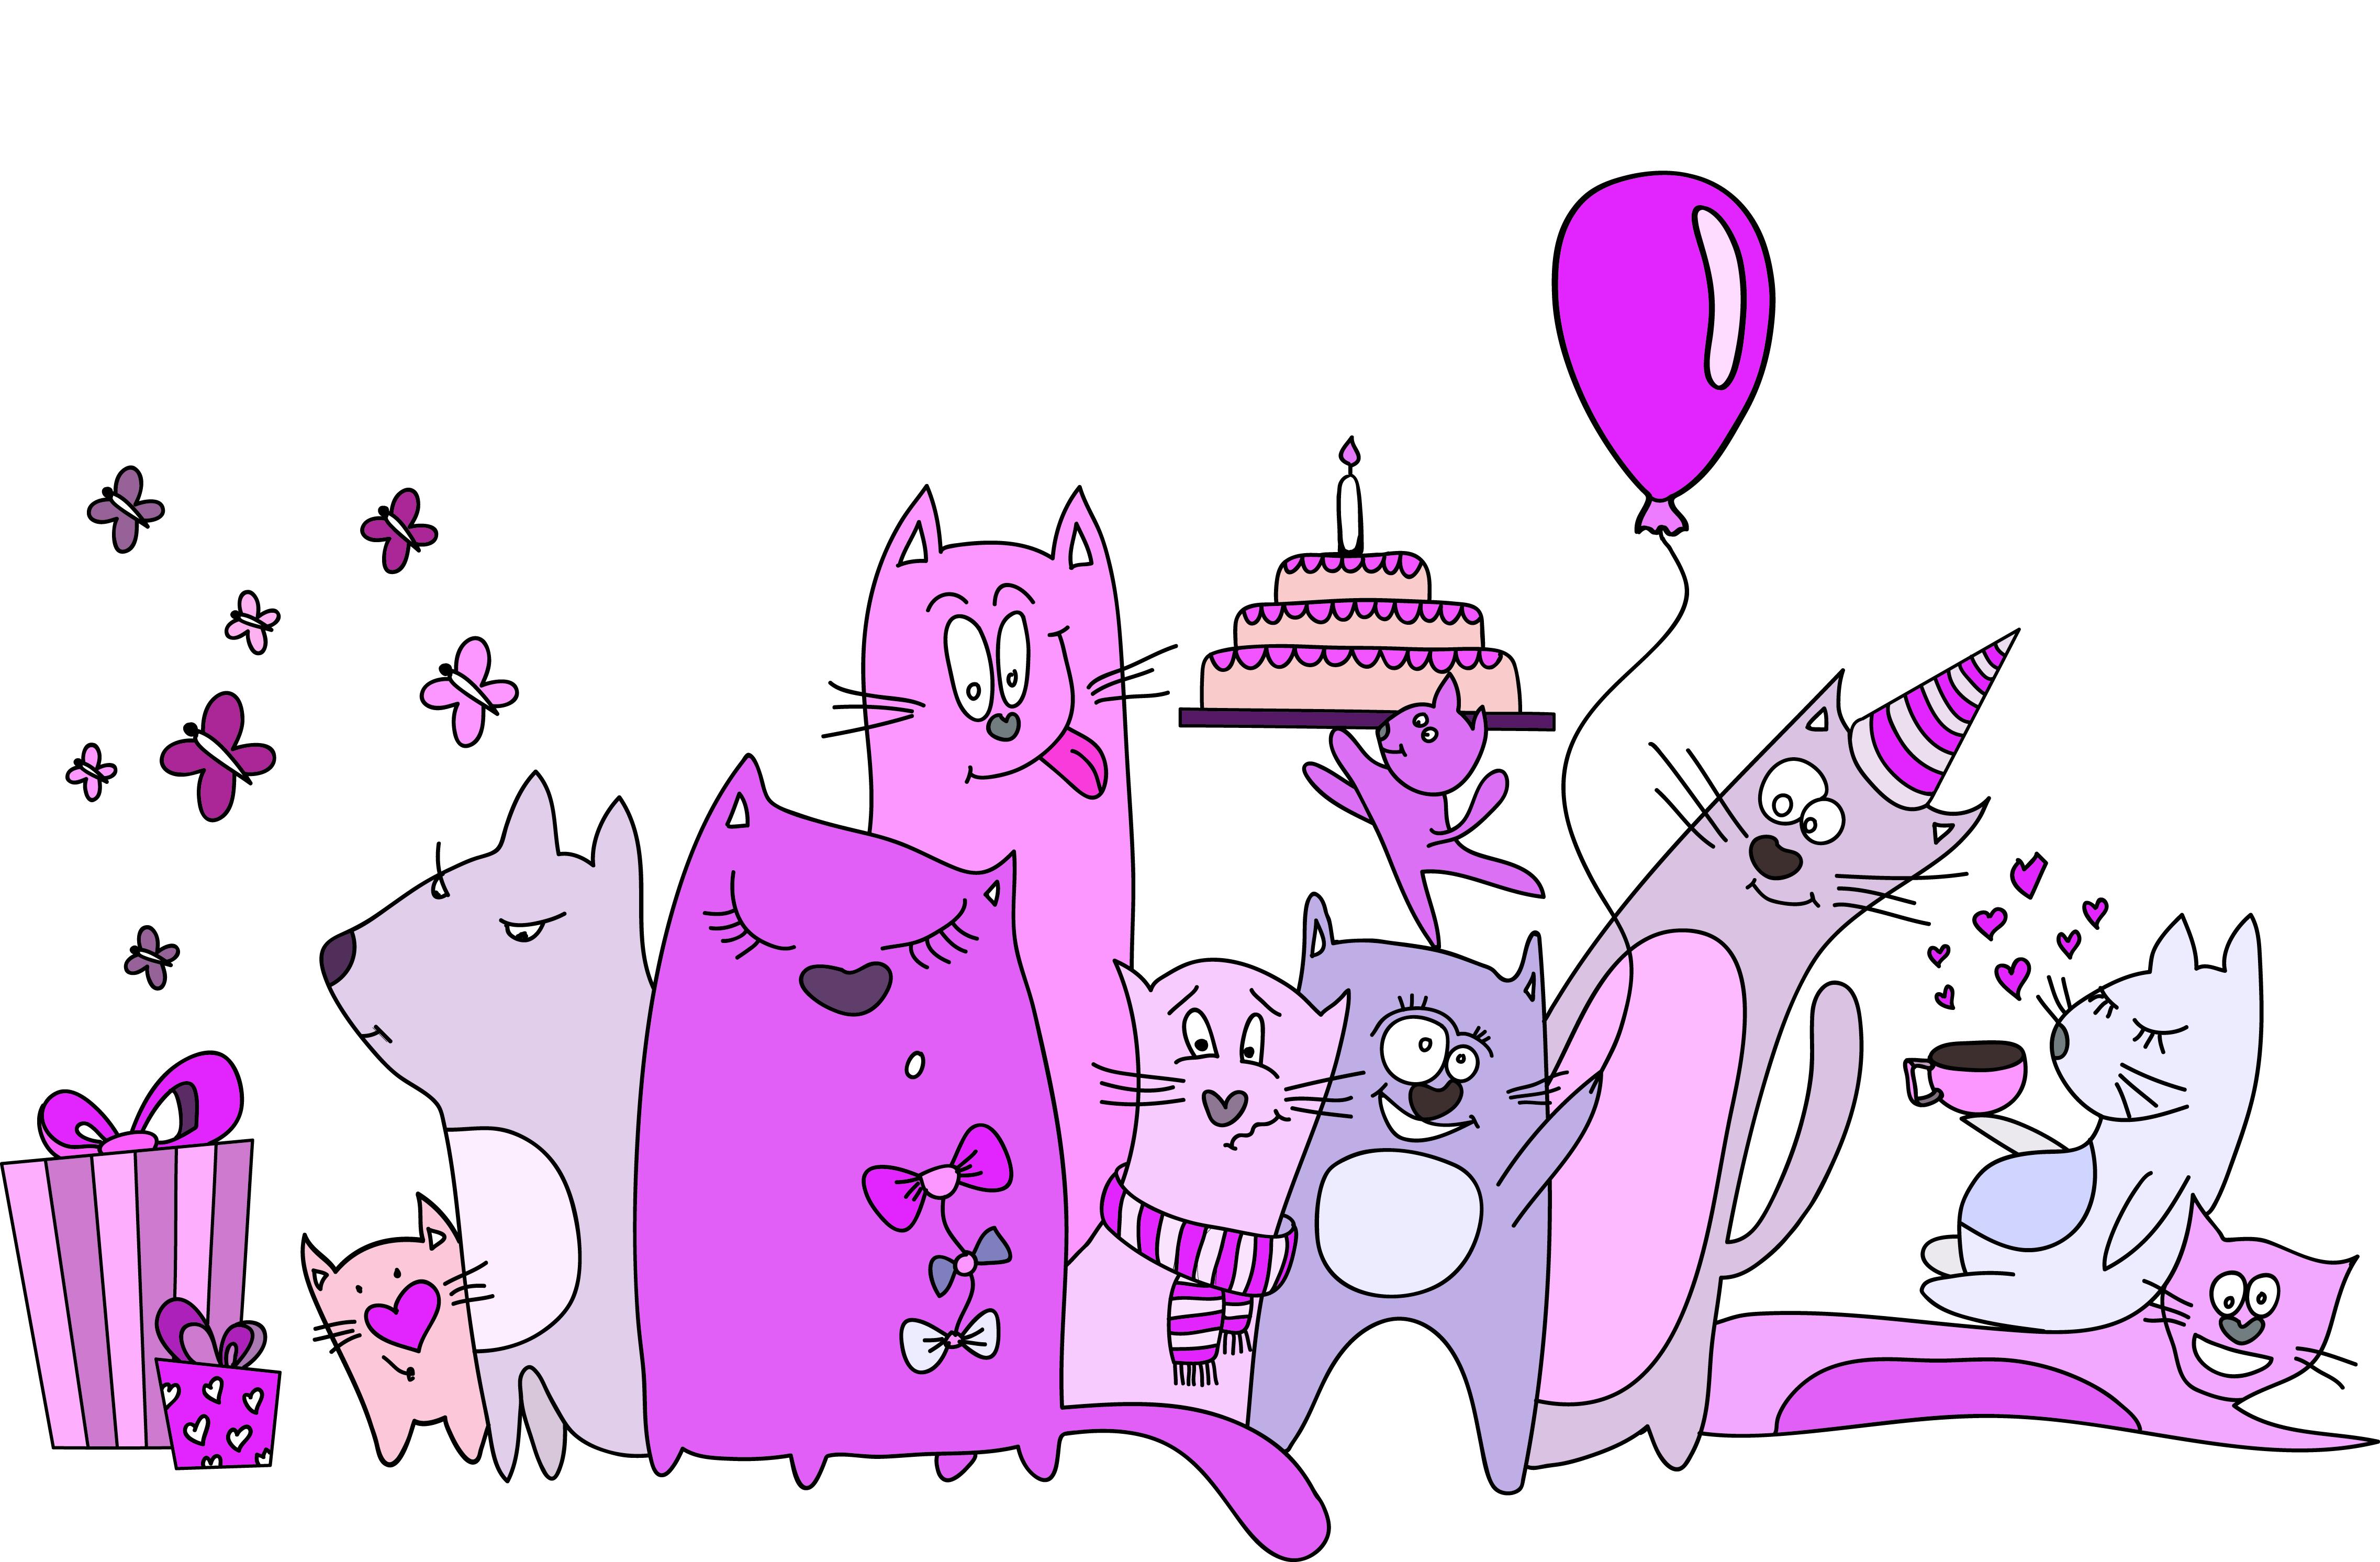 Смешные поздравления с днем рождения девушке 29